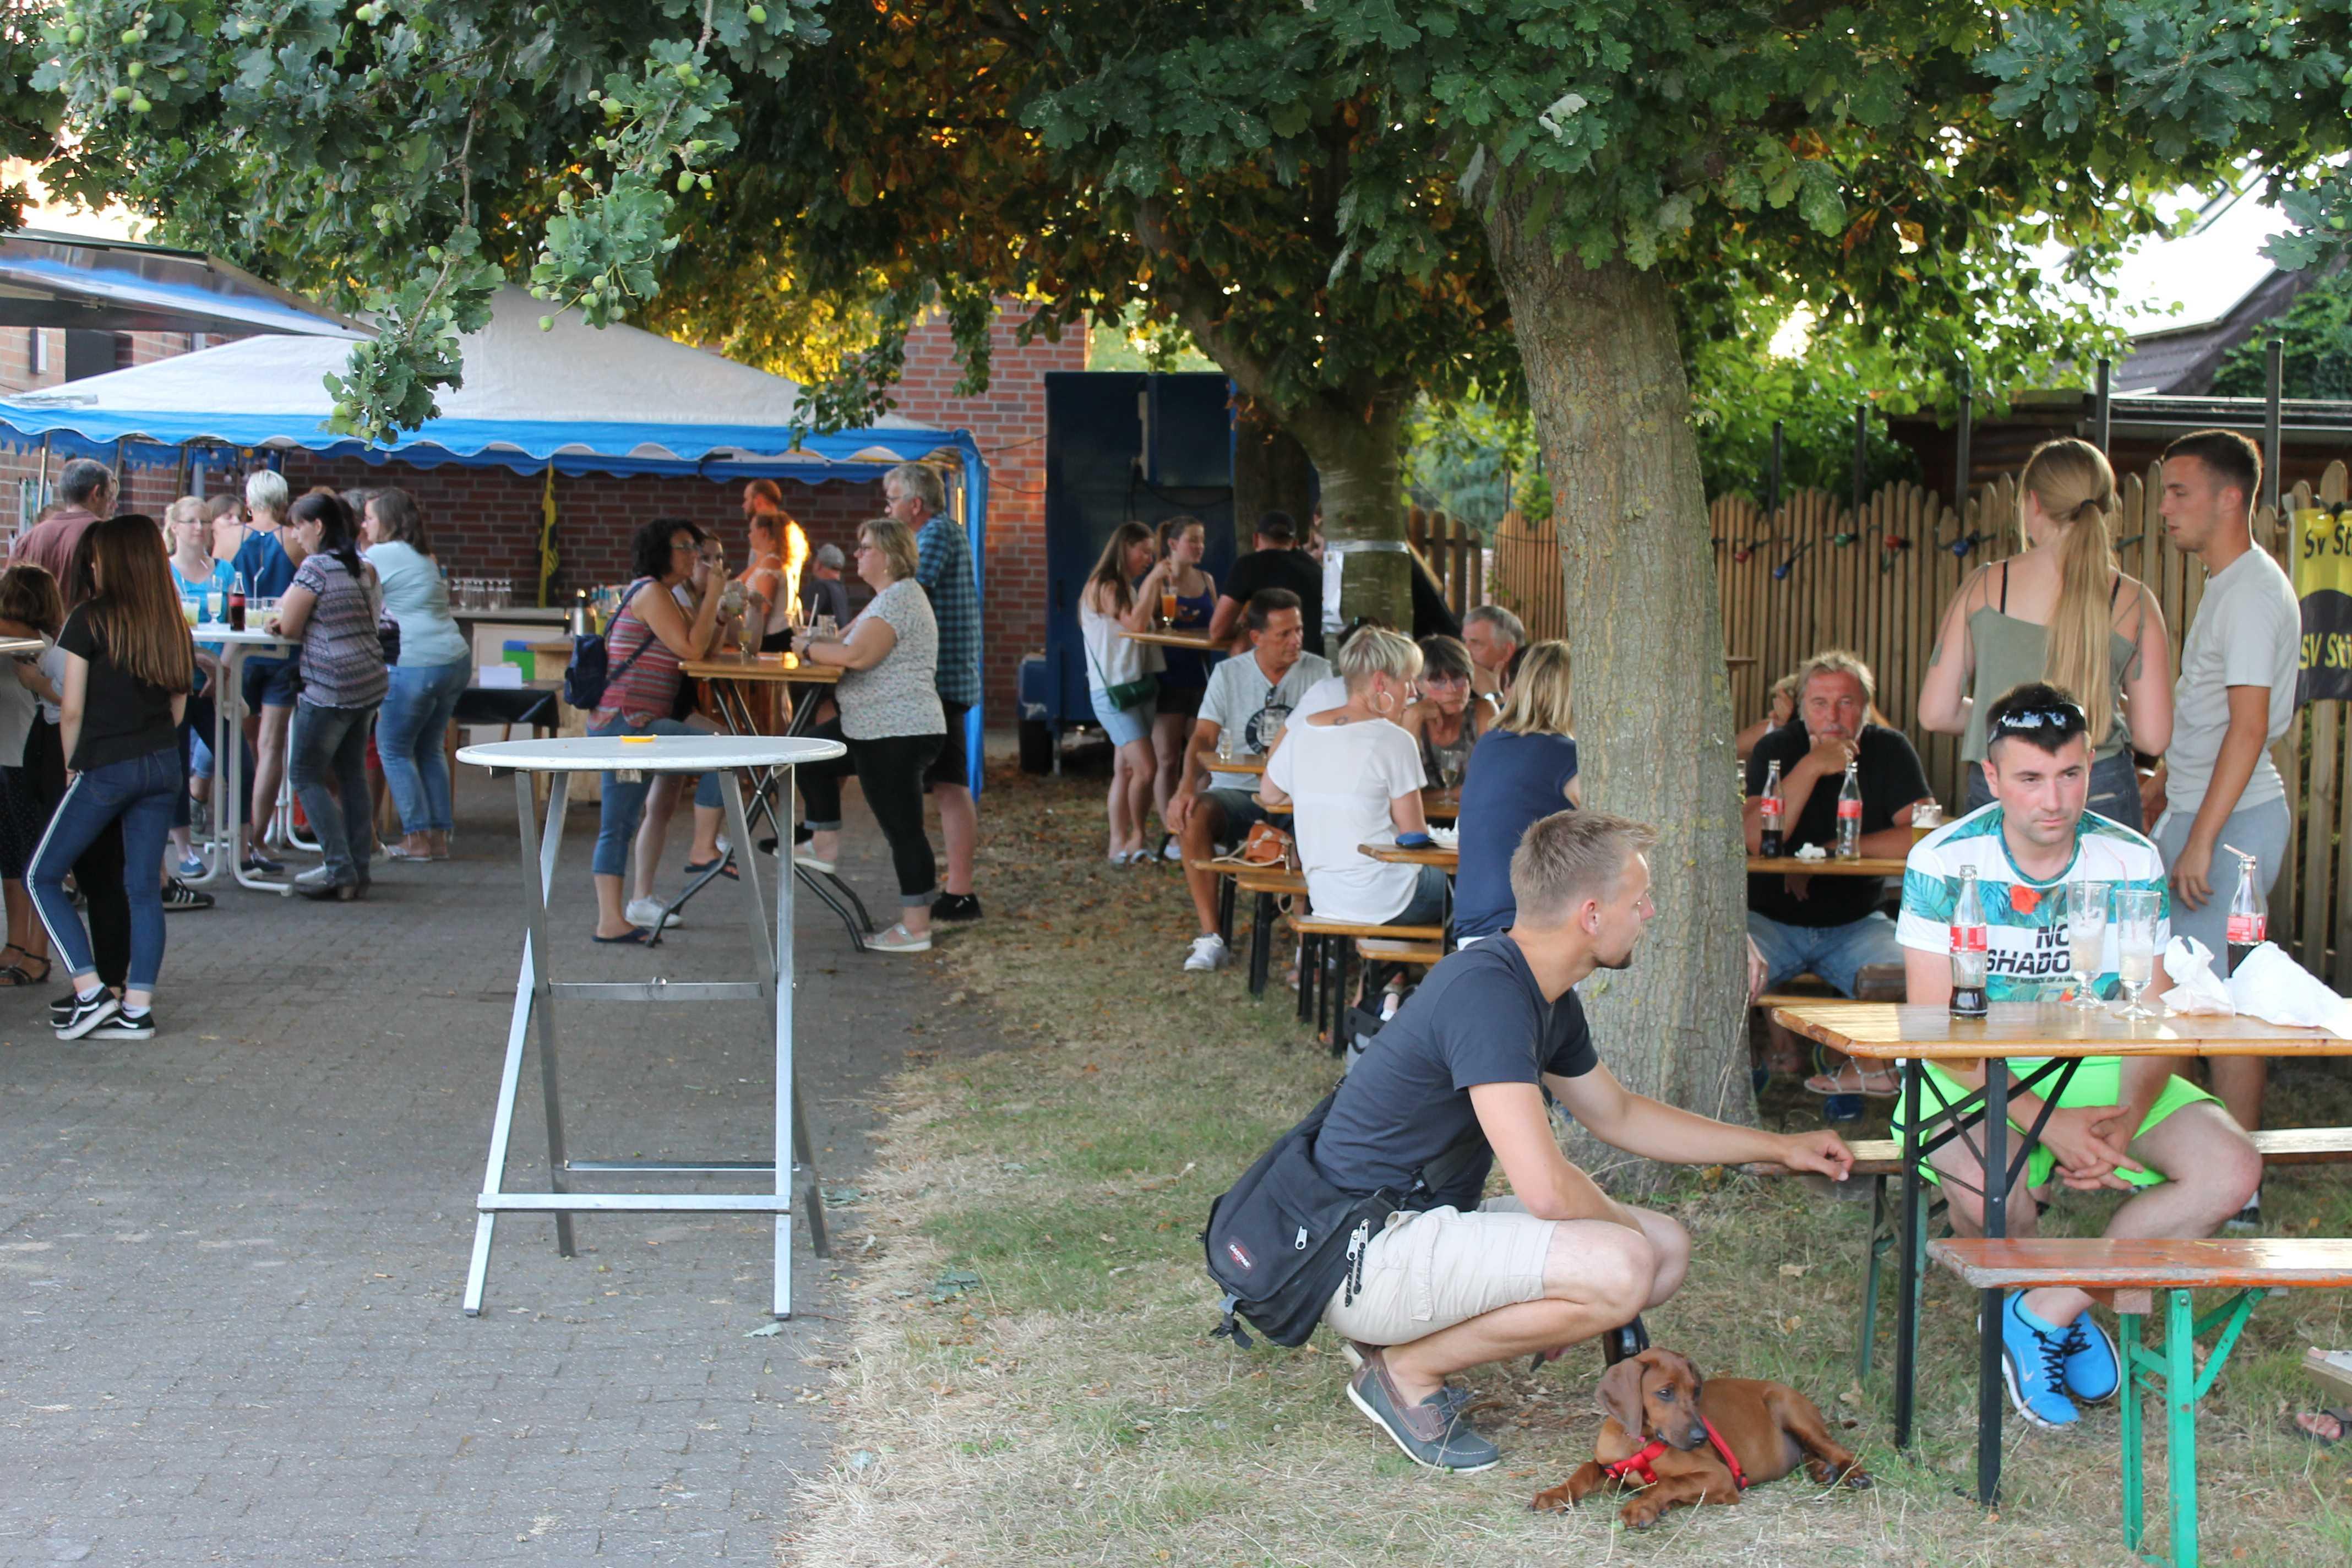 2018-07-26 Sportwoche - Cocktailabend & Damenturnier (22)